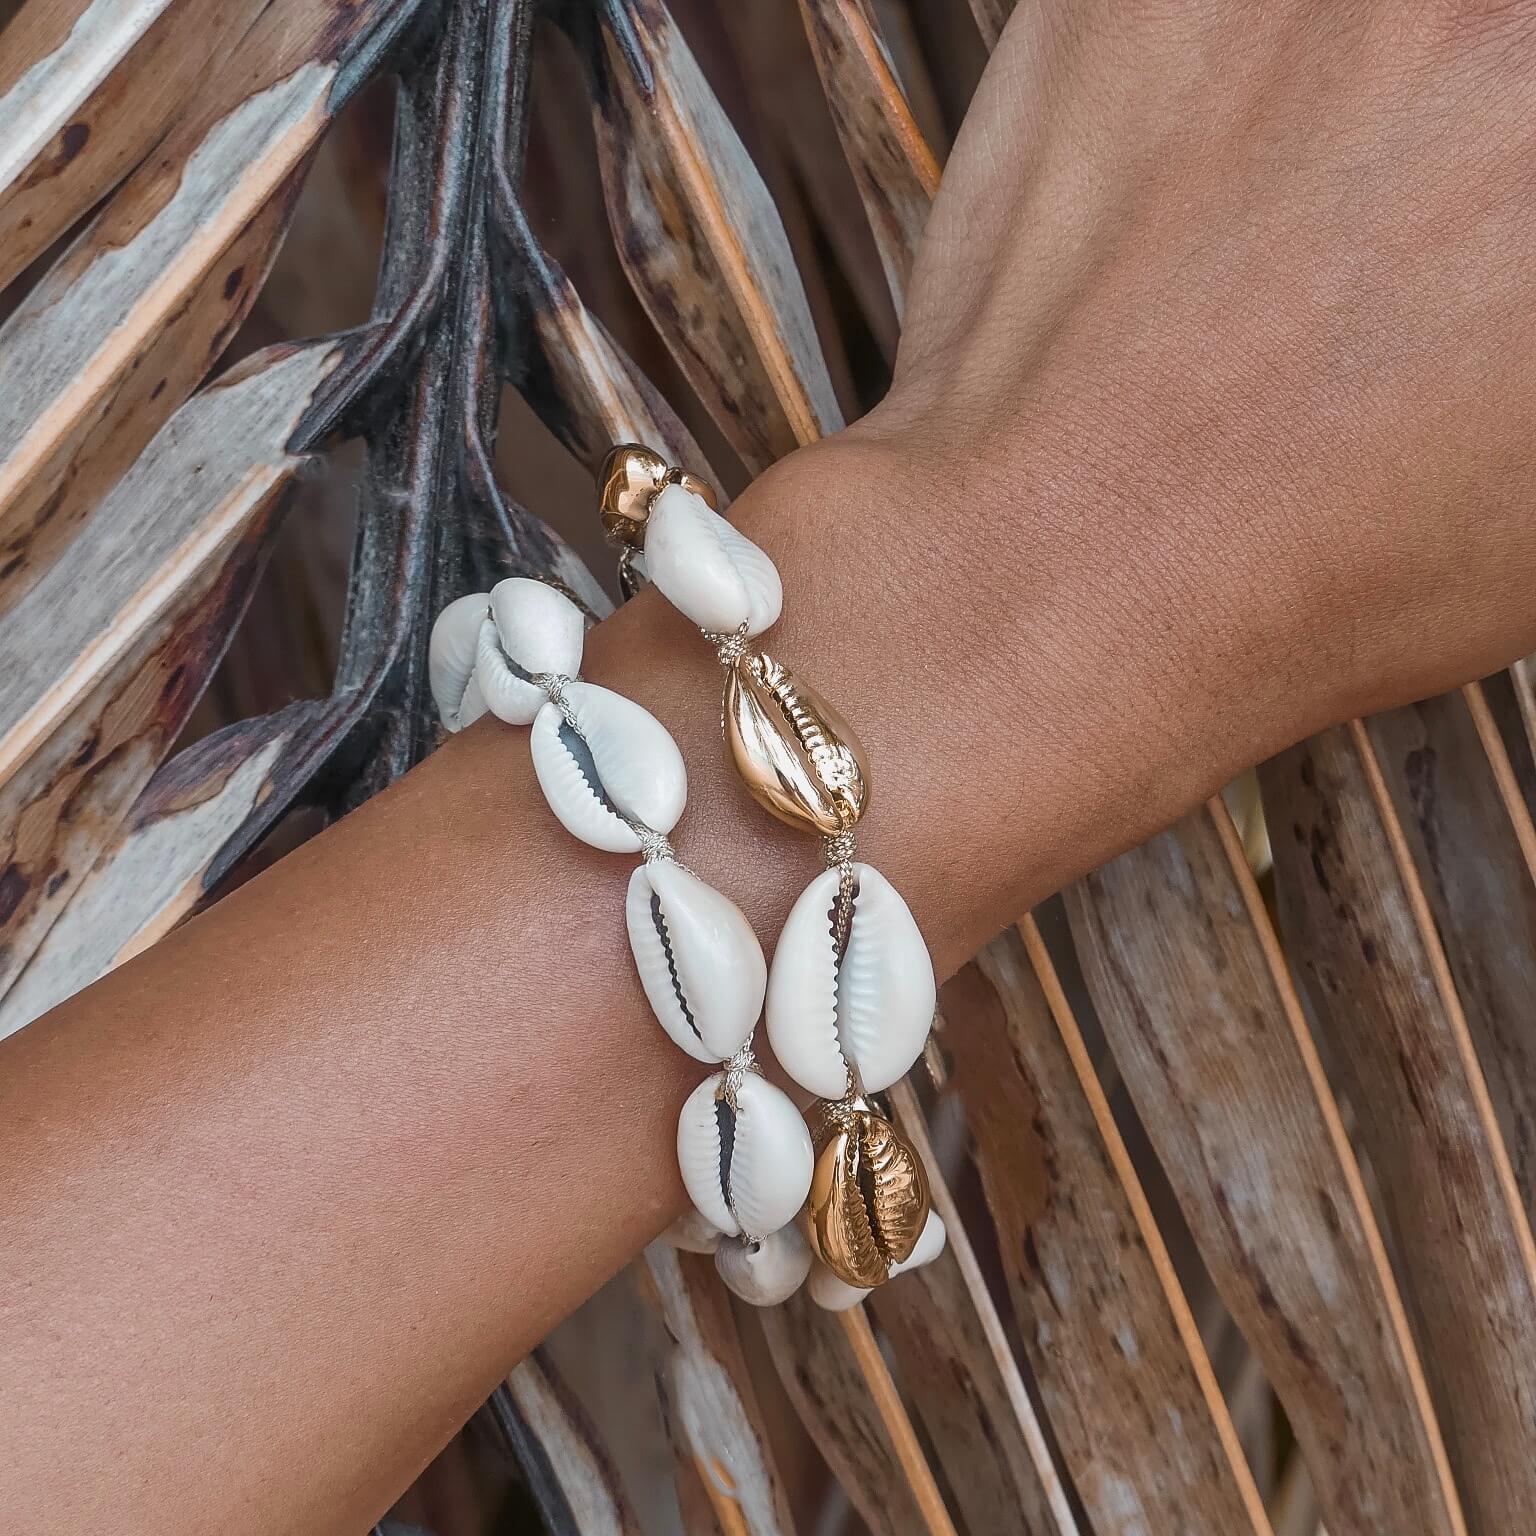 bracelet en coquillages - bracelet de plage Cénélia - Alice